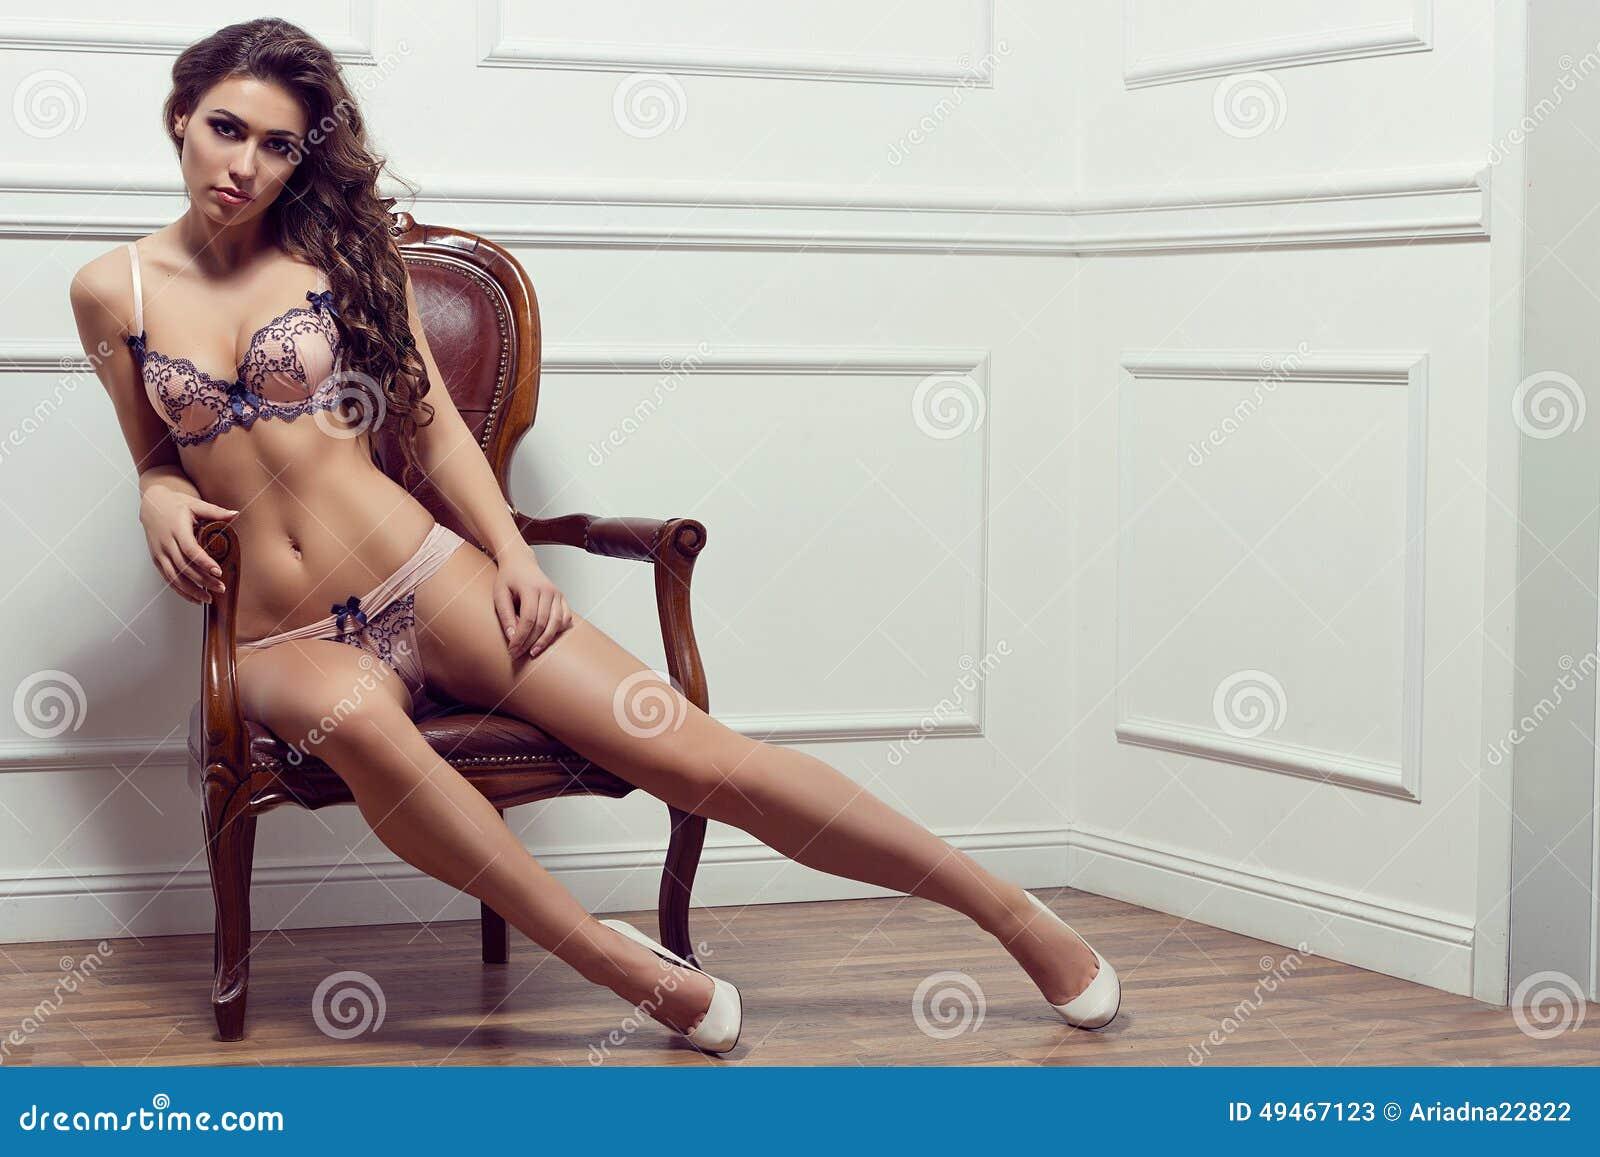 Frau In Der Wsche Porno-Bilder, Sex Fotos, XXX Bilder